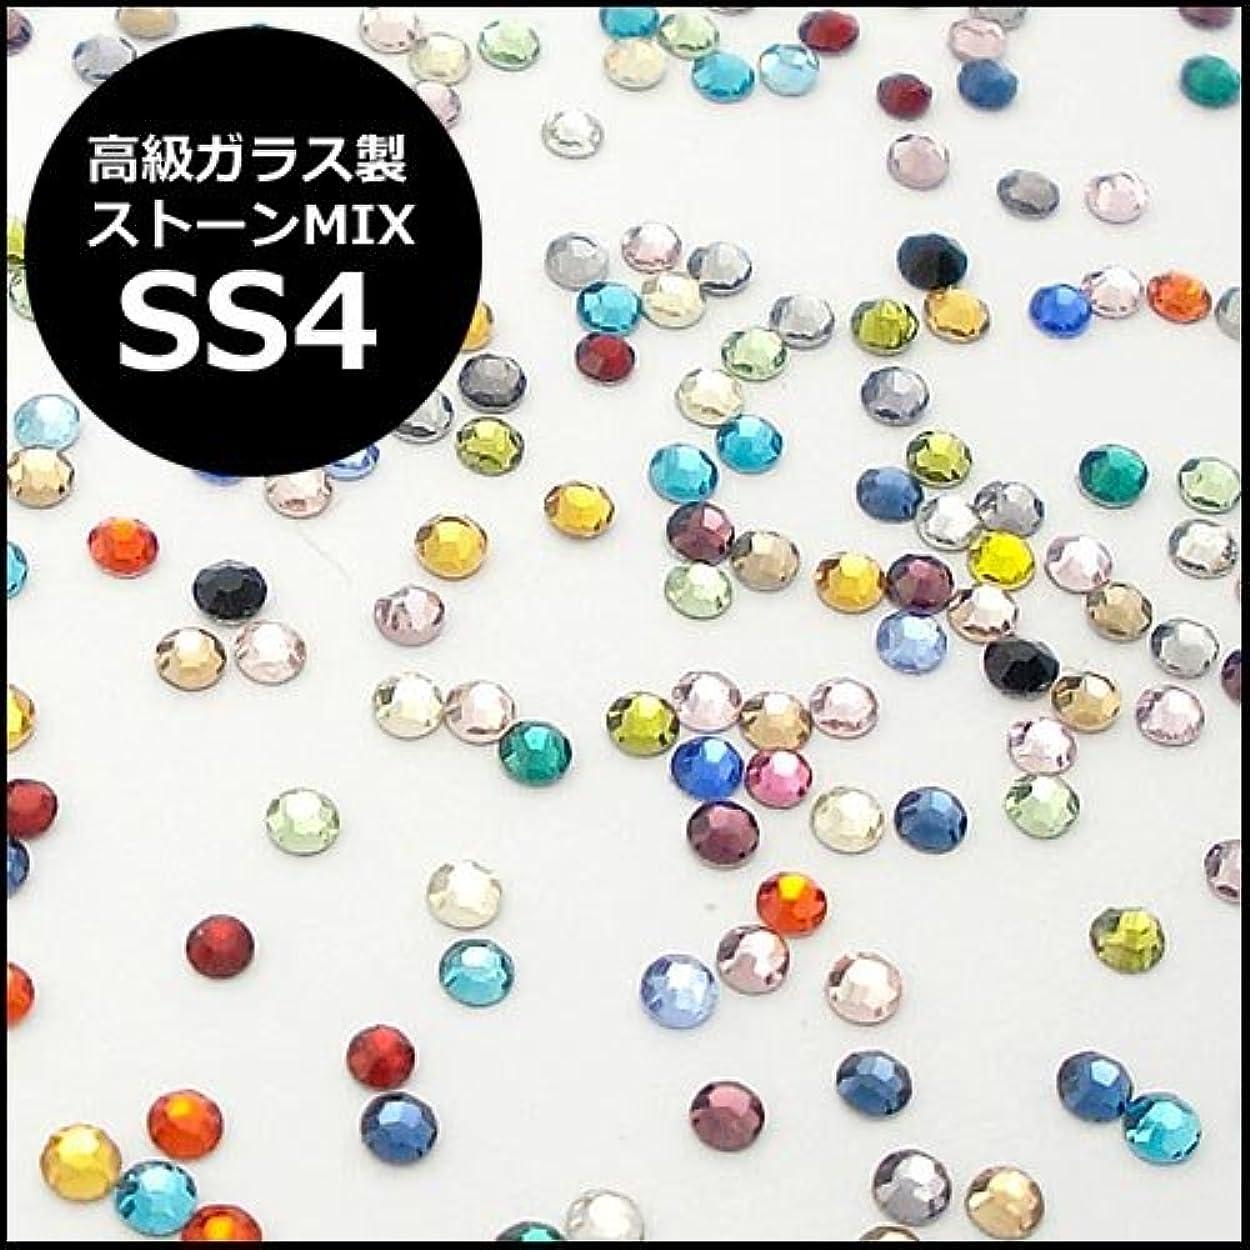 試みより平らな繊細高級ガラス製ラインストーンMIX「SS4(1.6mm)」約150個入り(セルフネイル/デコレーション)